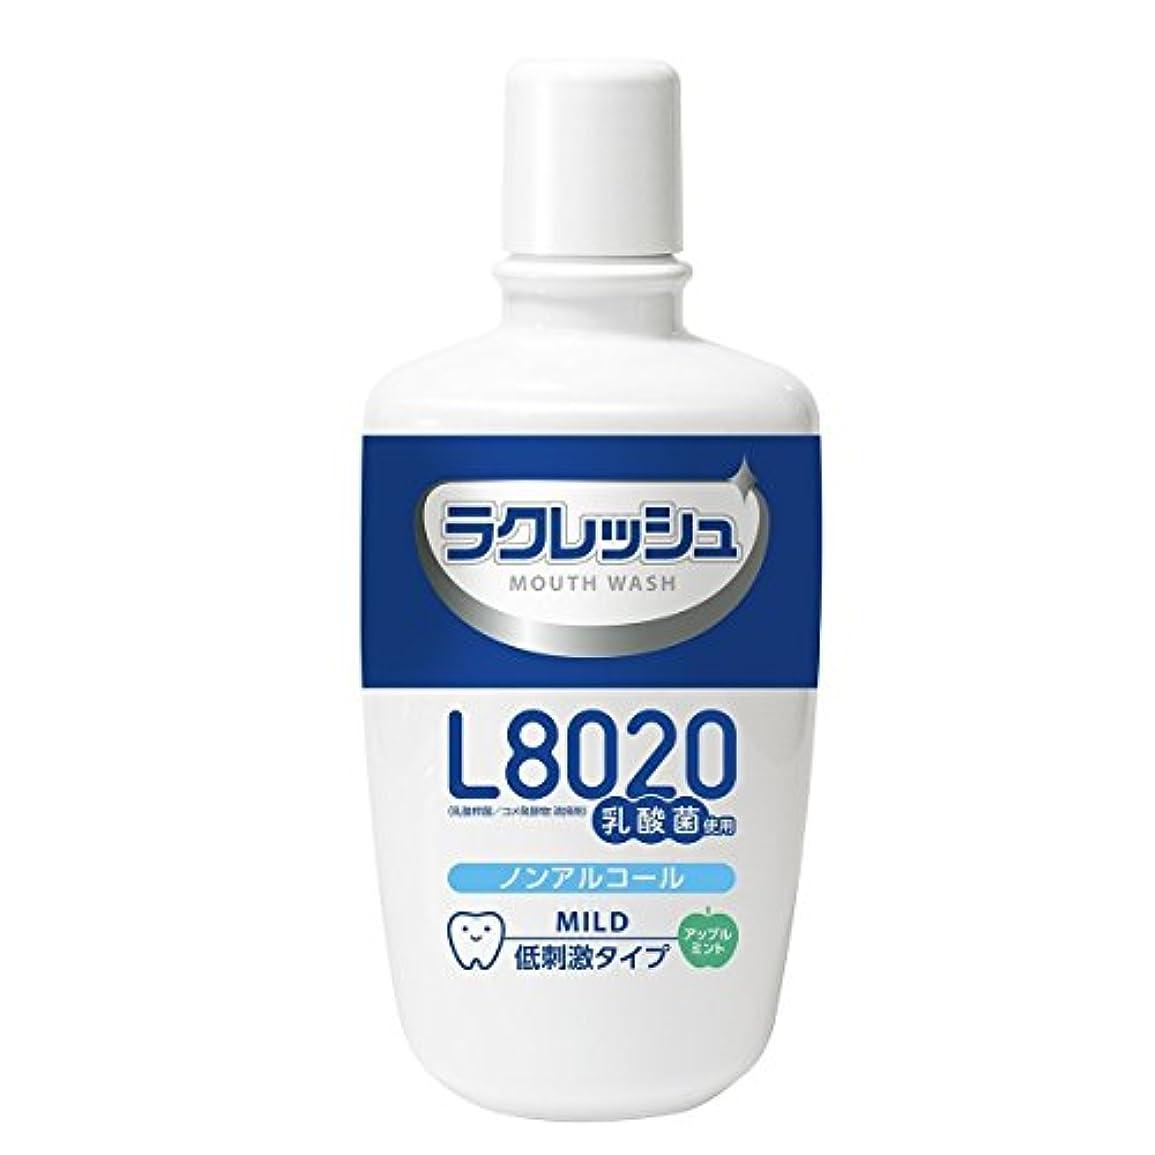 前件差鳩ラクレッシュ L8020菌使用 マウスウォッシュ ノンアルコールタイプ 300mL×15個セット